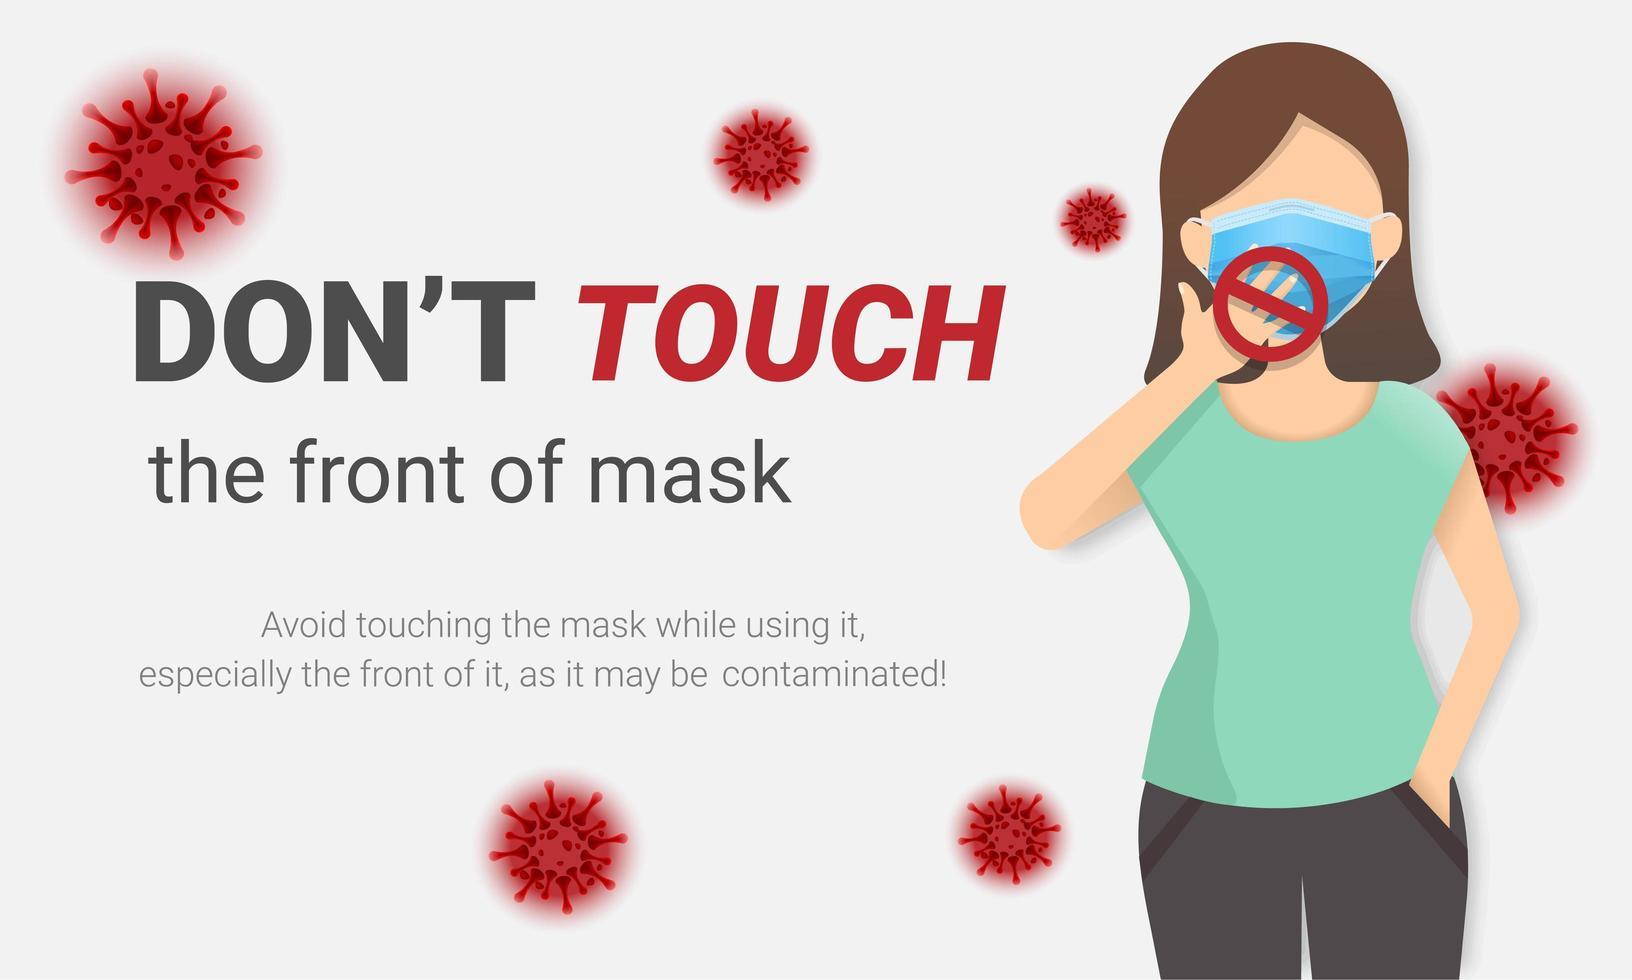 raak de voorkant van de maskercoronavirus-poster niet aan vector